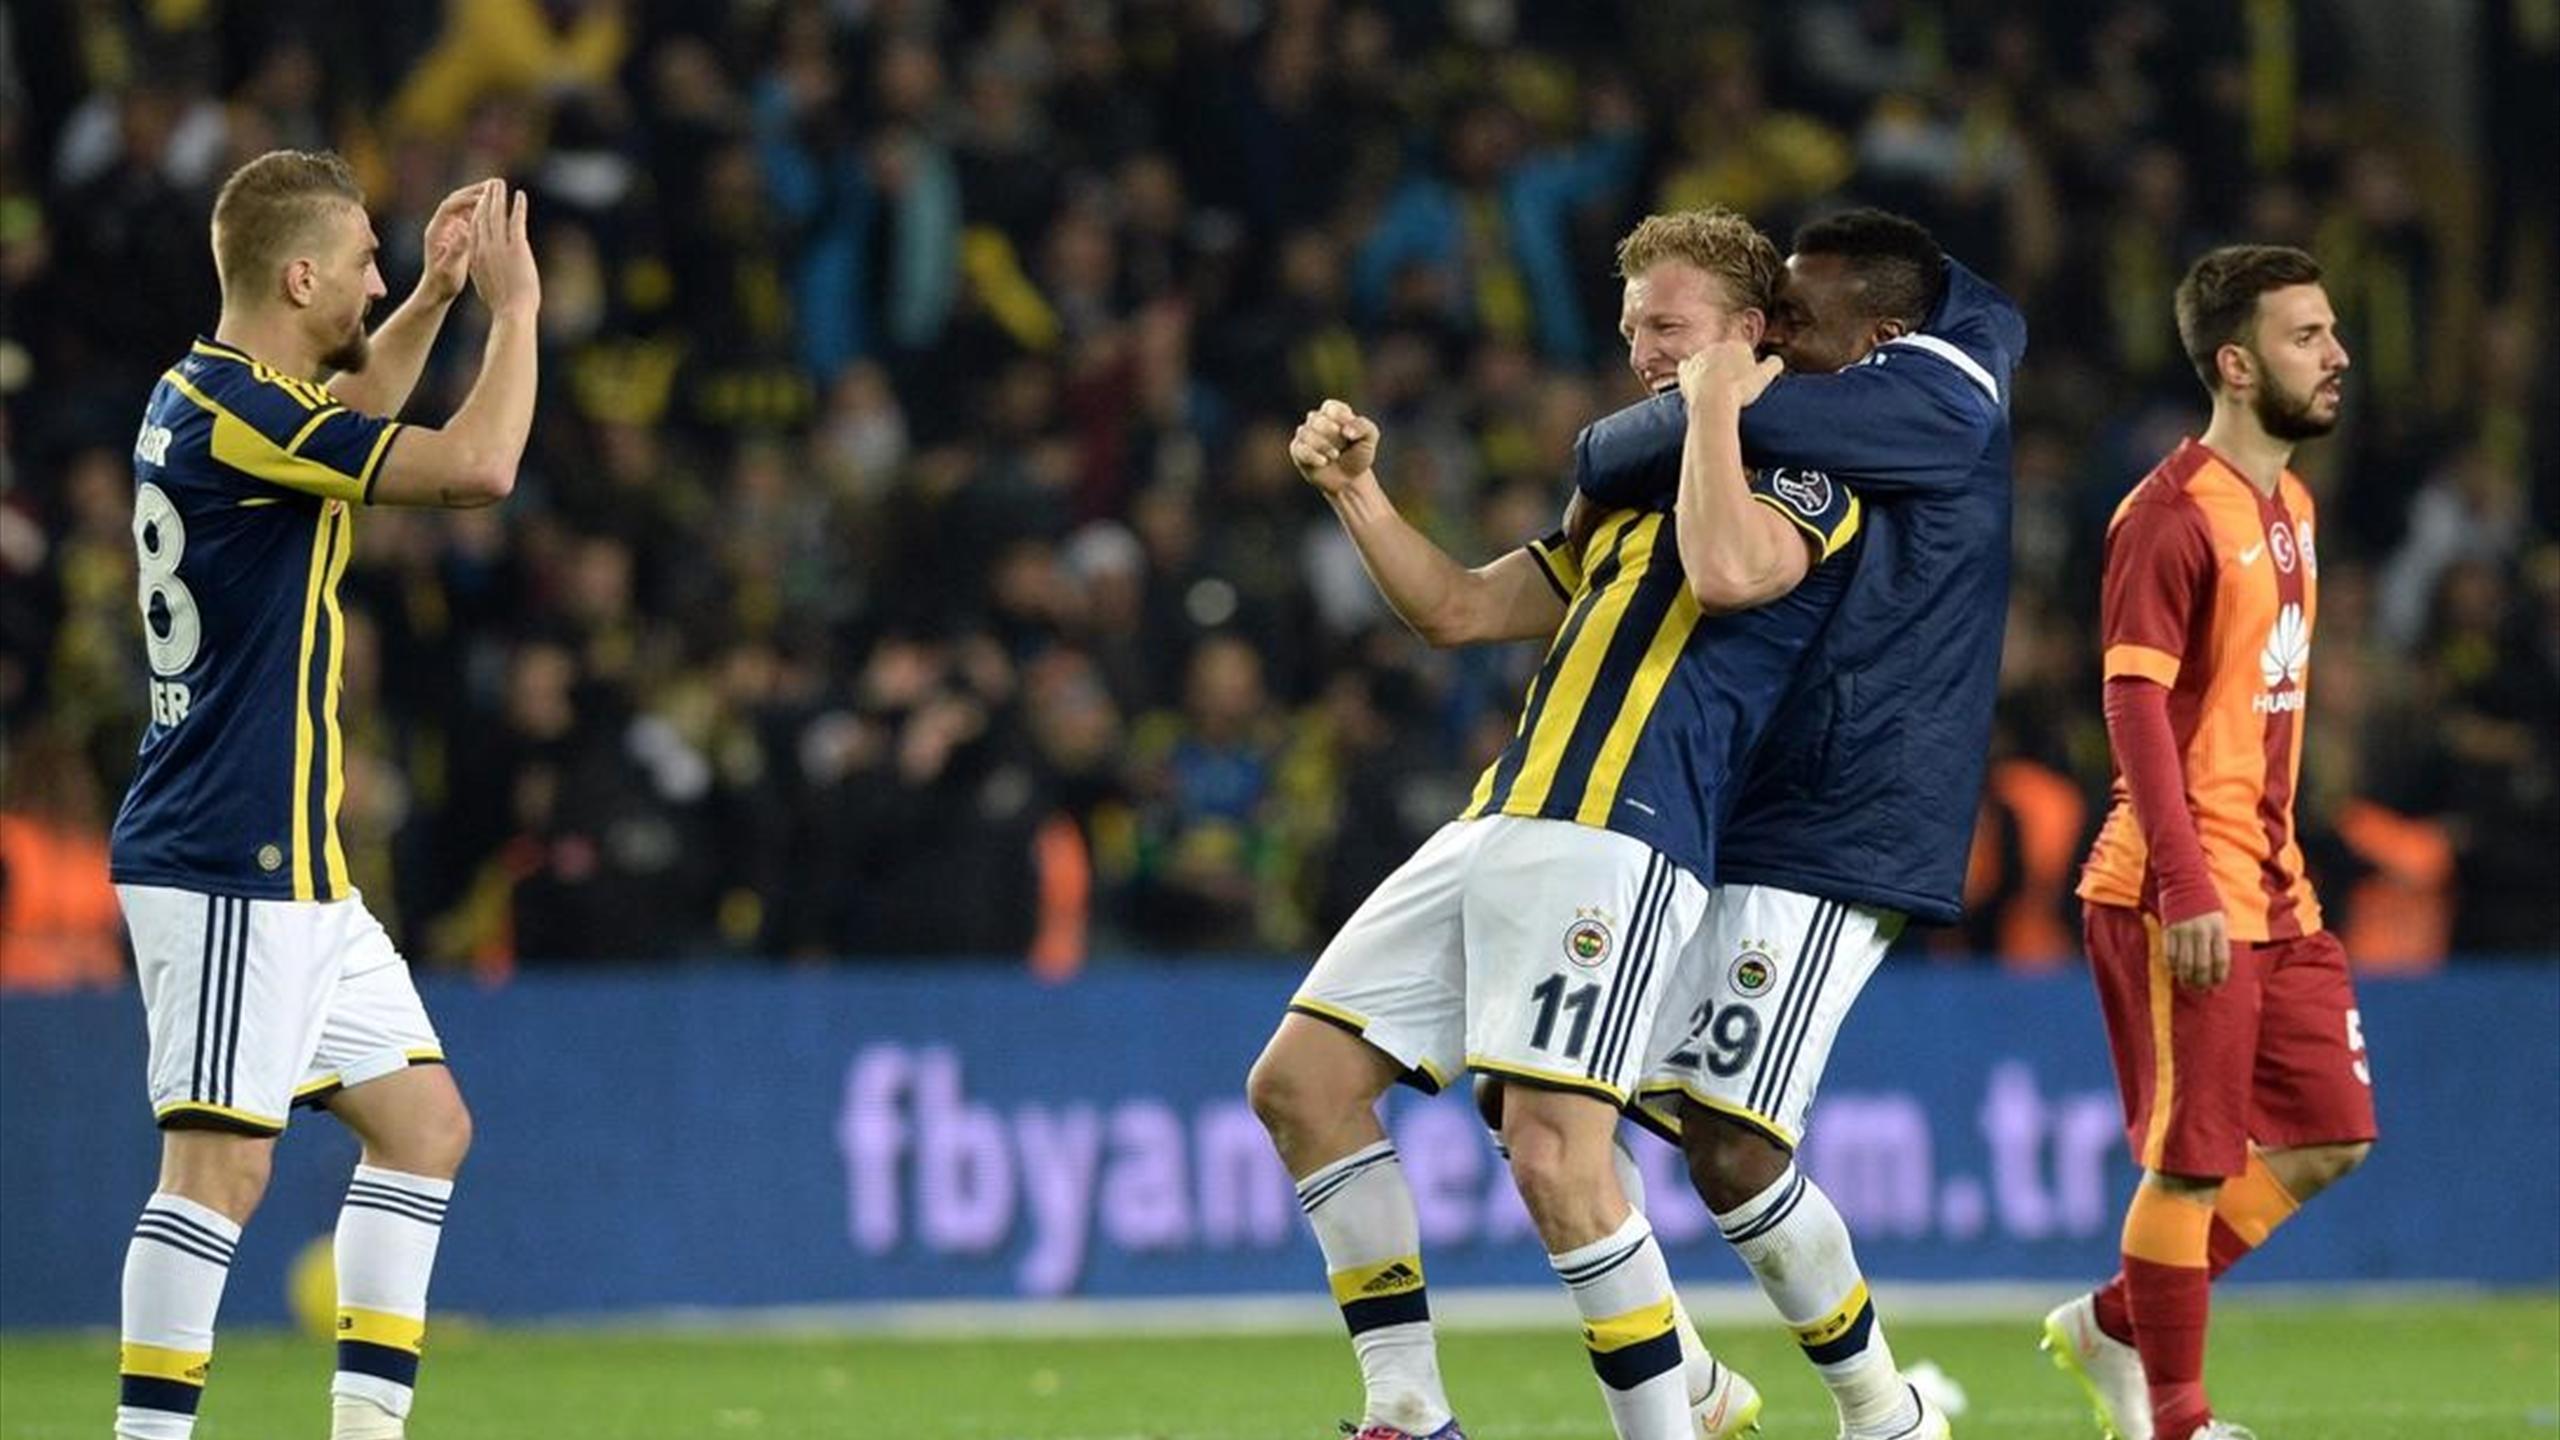 Fenerbahçe'in Kadıköy'de Galatasaray'a Yenilmediği 19 lig maçı 19